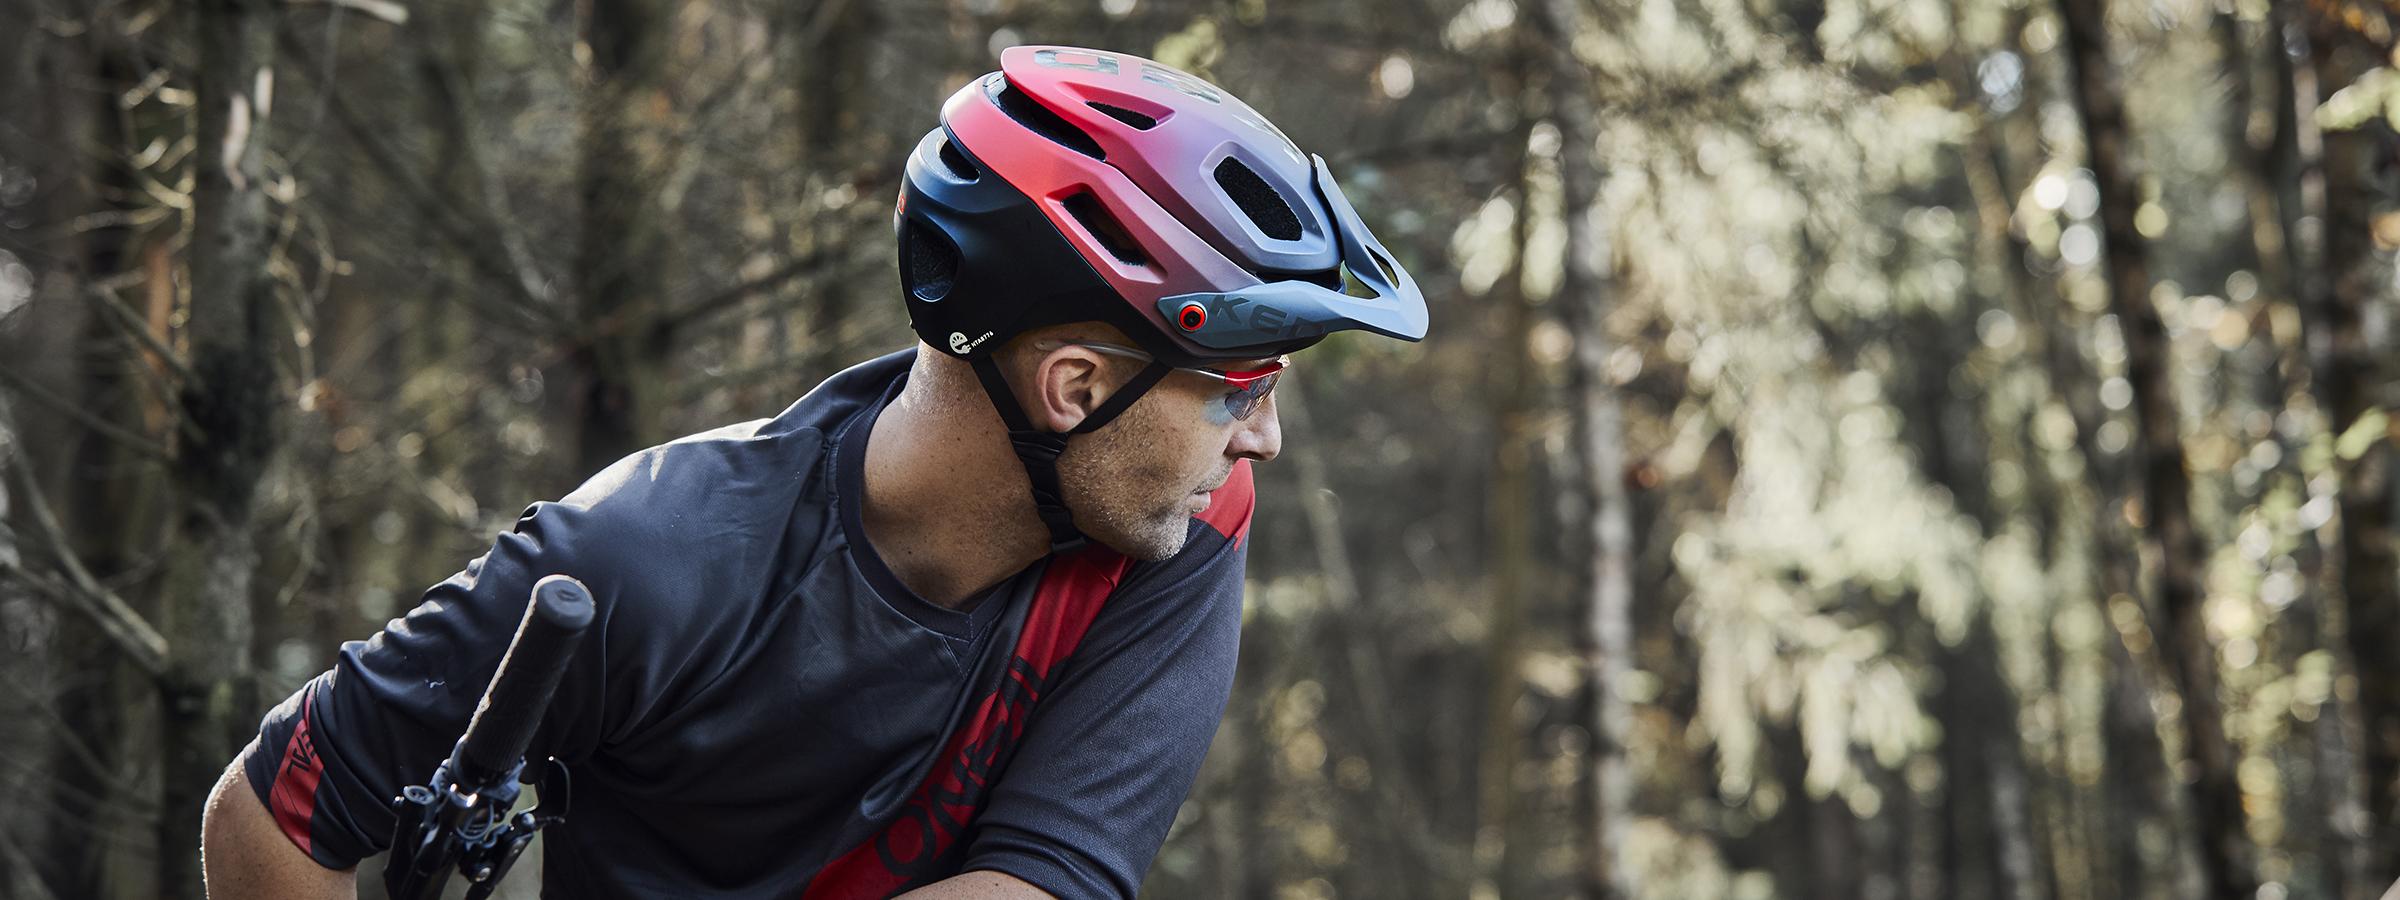 KED - шлемы велосипедные для детей и взрослых из Германии, купить на  официальном сайте. Шлемы для конного спорта.